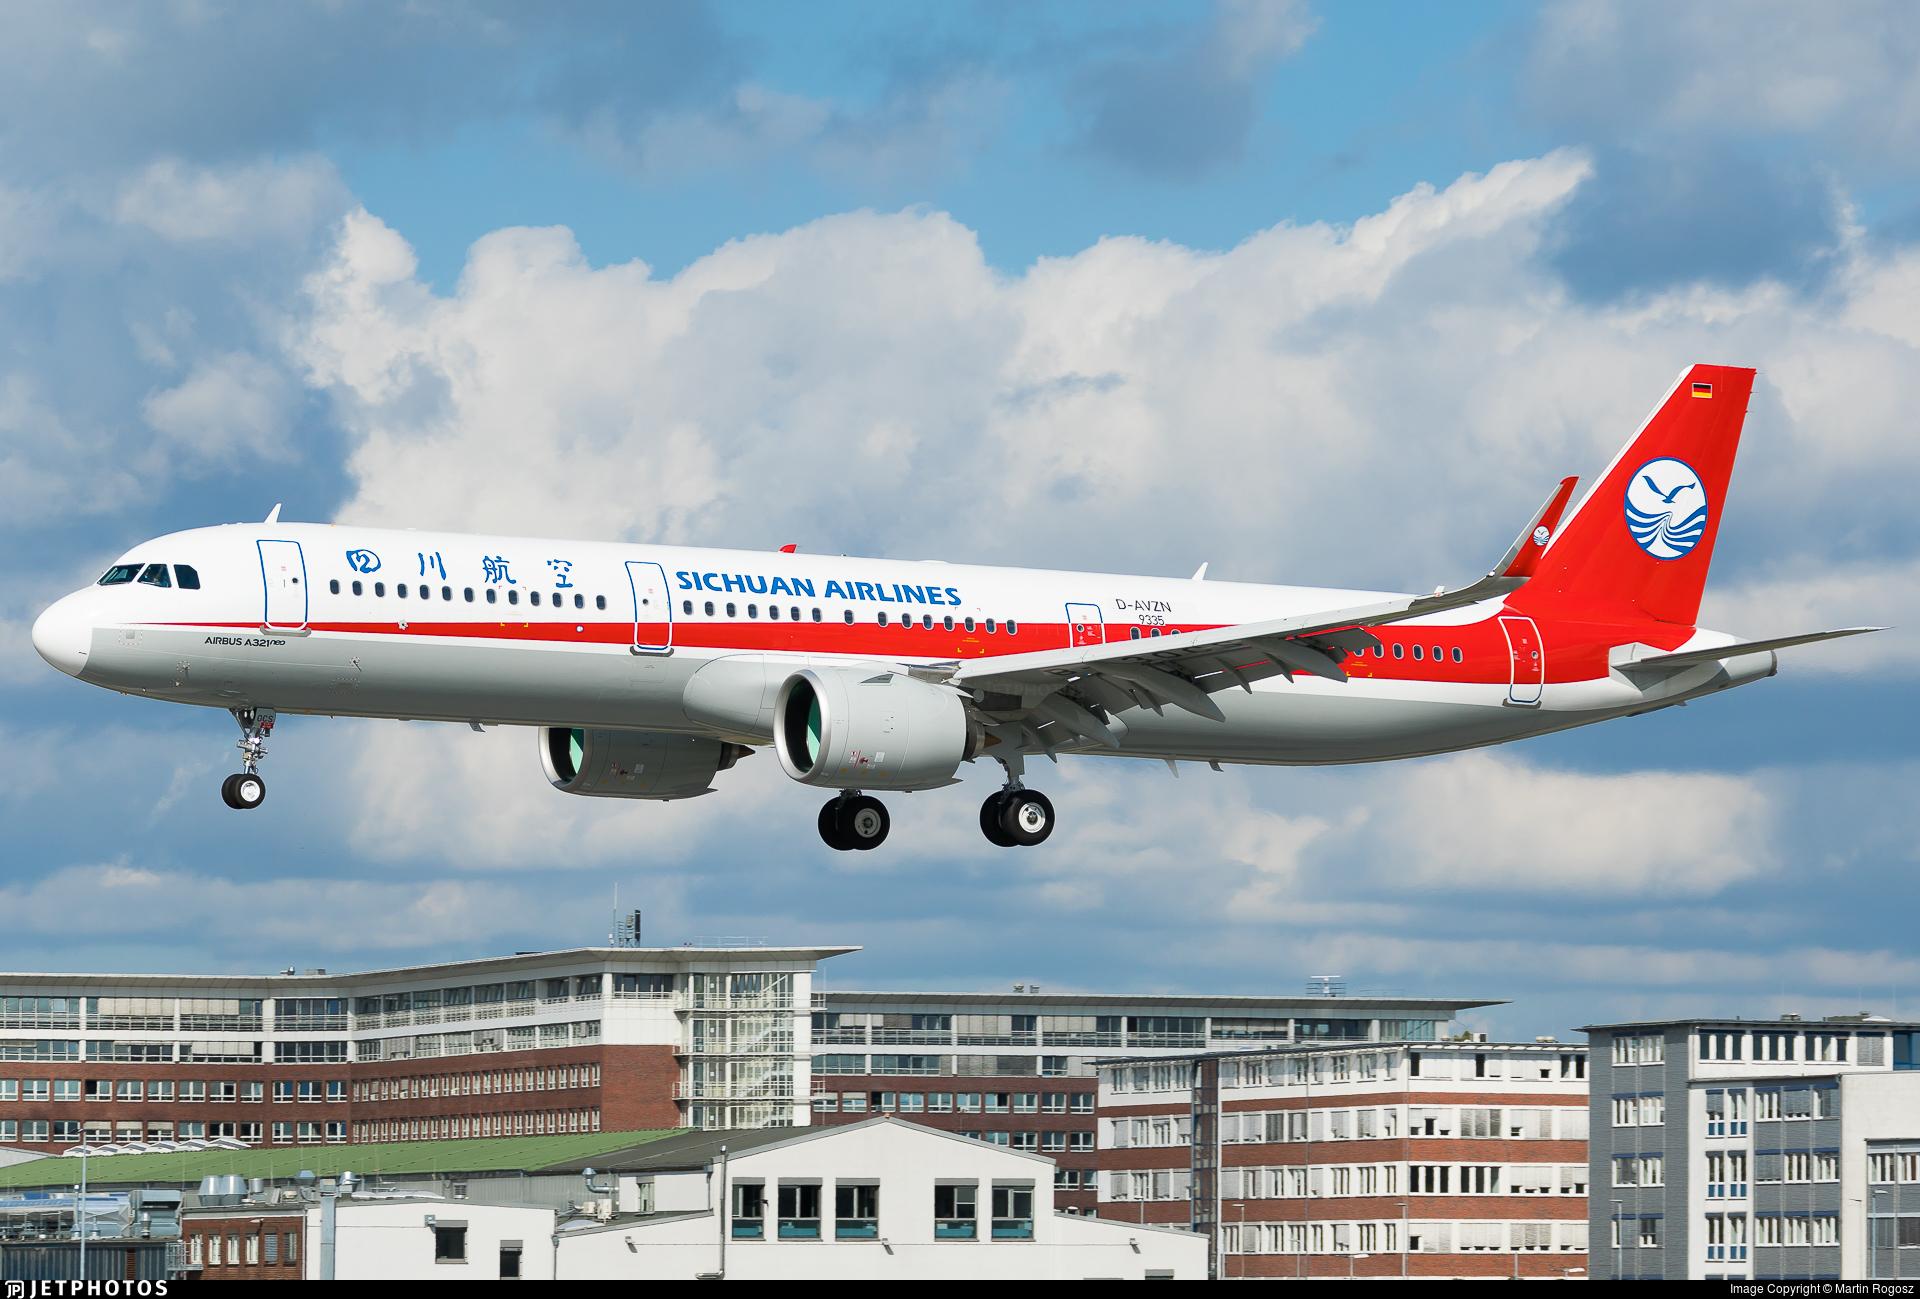 D-AVZN - Airbus A321-271N - Sichuan Airlines